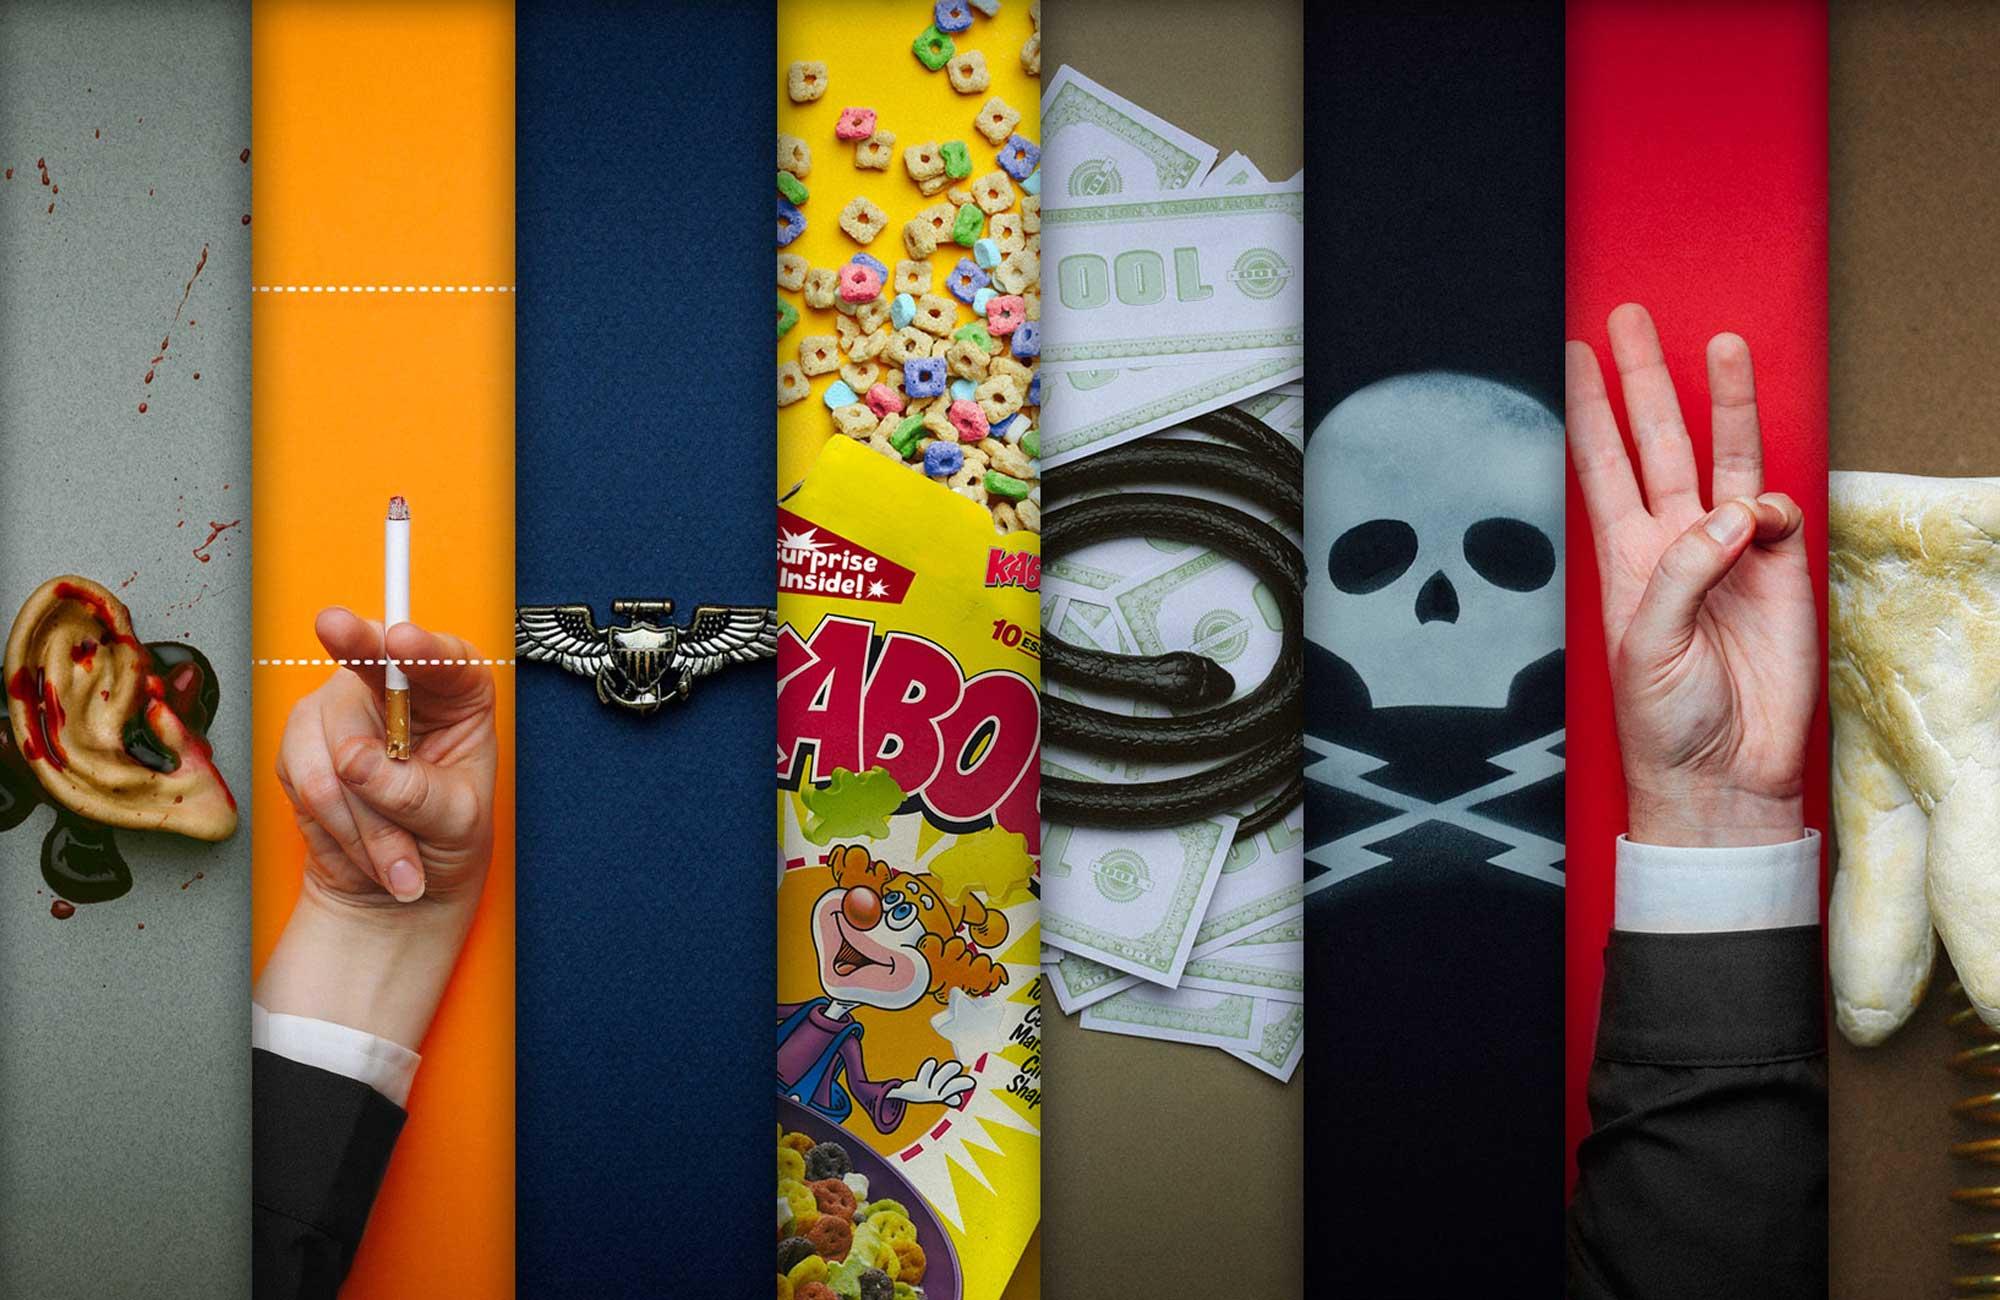 Minimalist Tarantino Posters